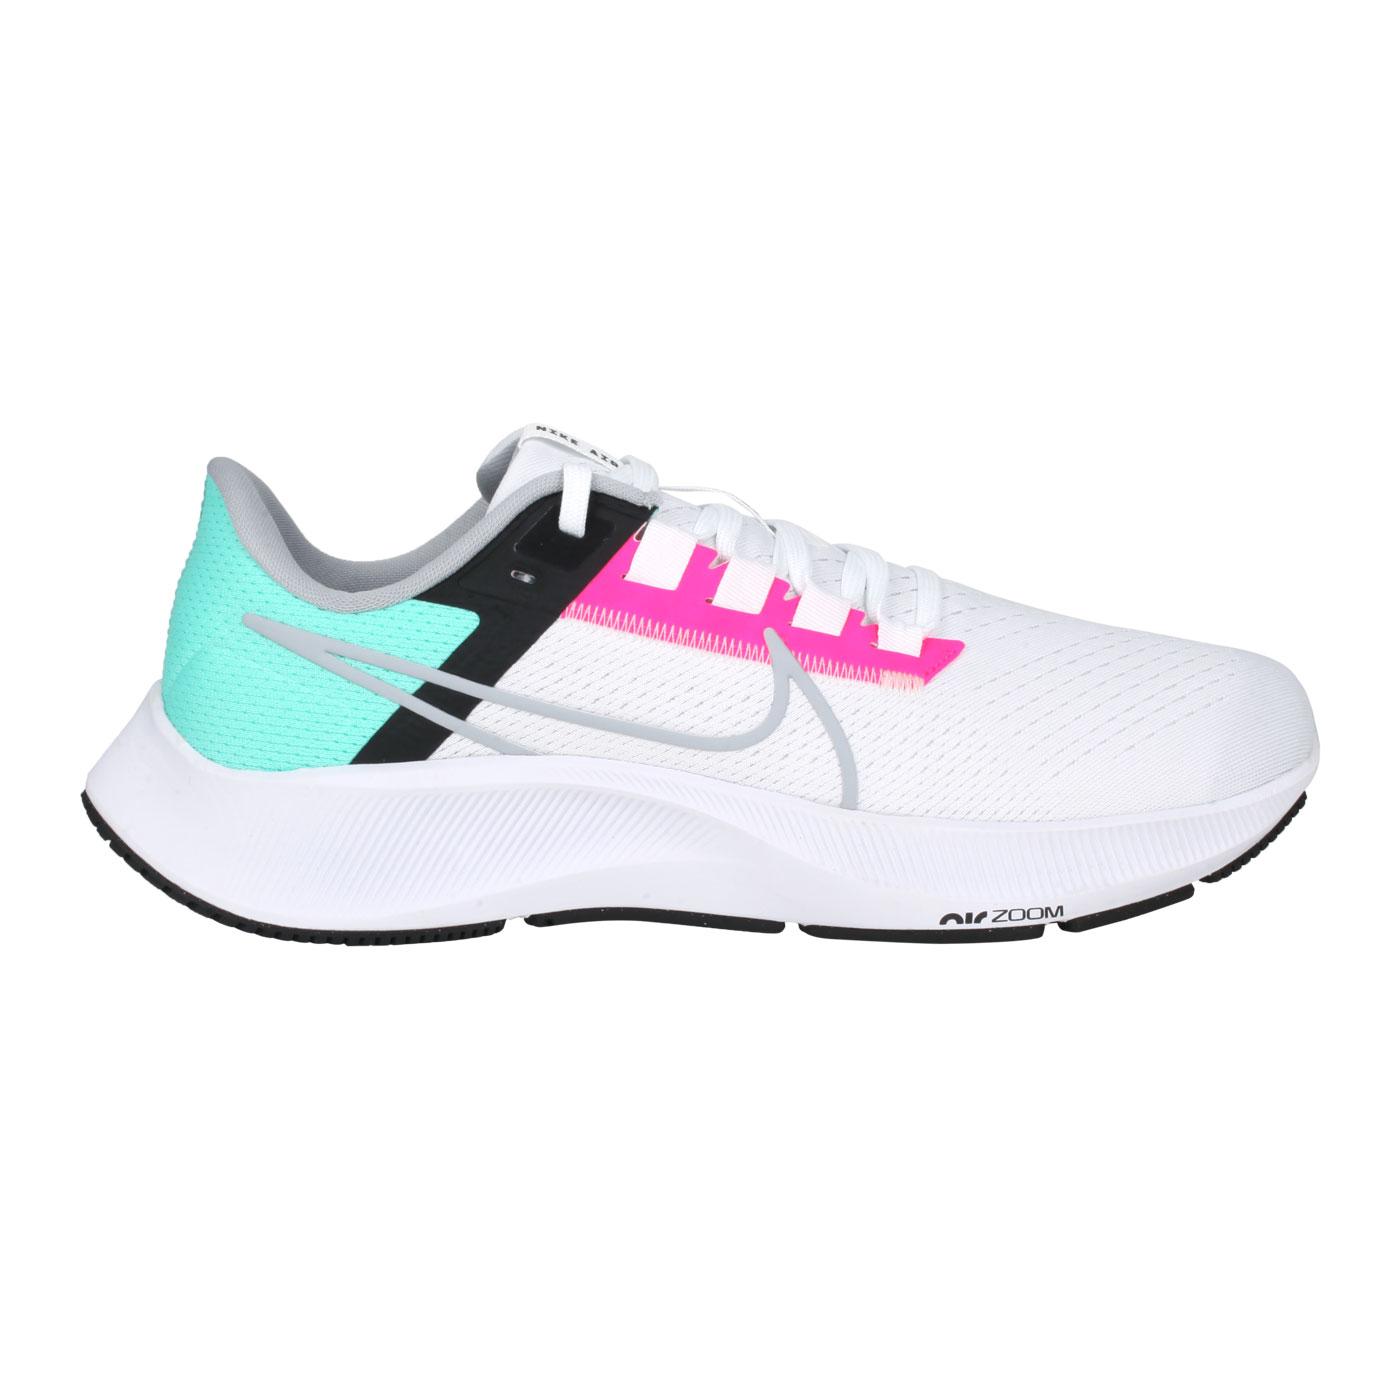 NIKE 男款慢跑鞋  @AIR ZOOM PEGASUS 38@CW7356-102